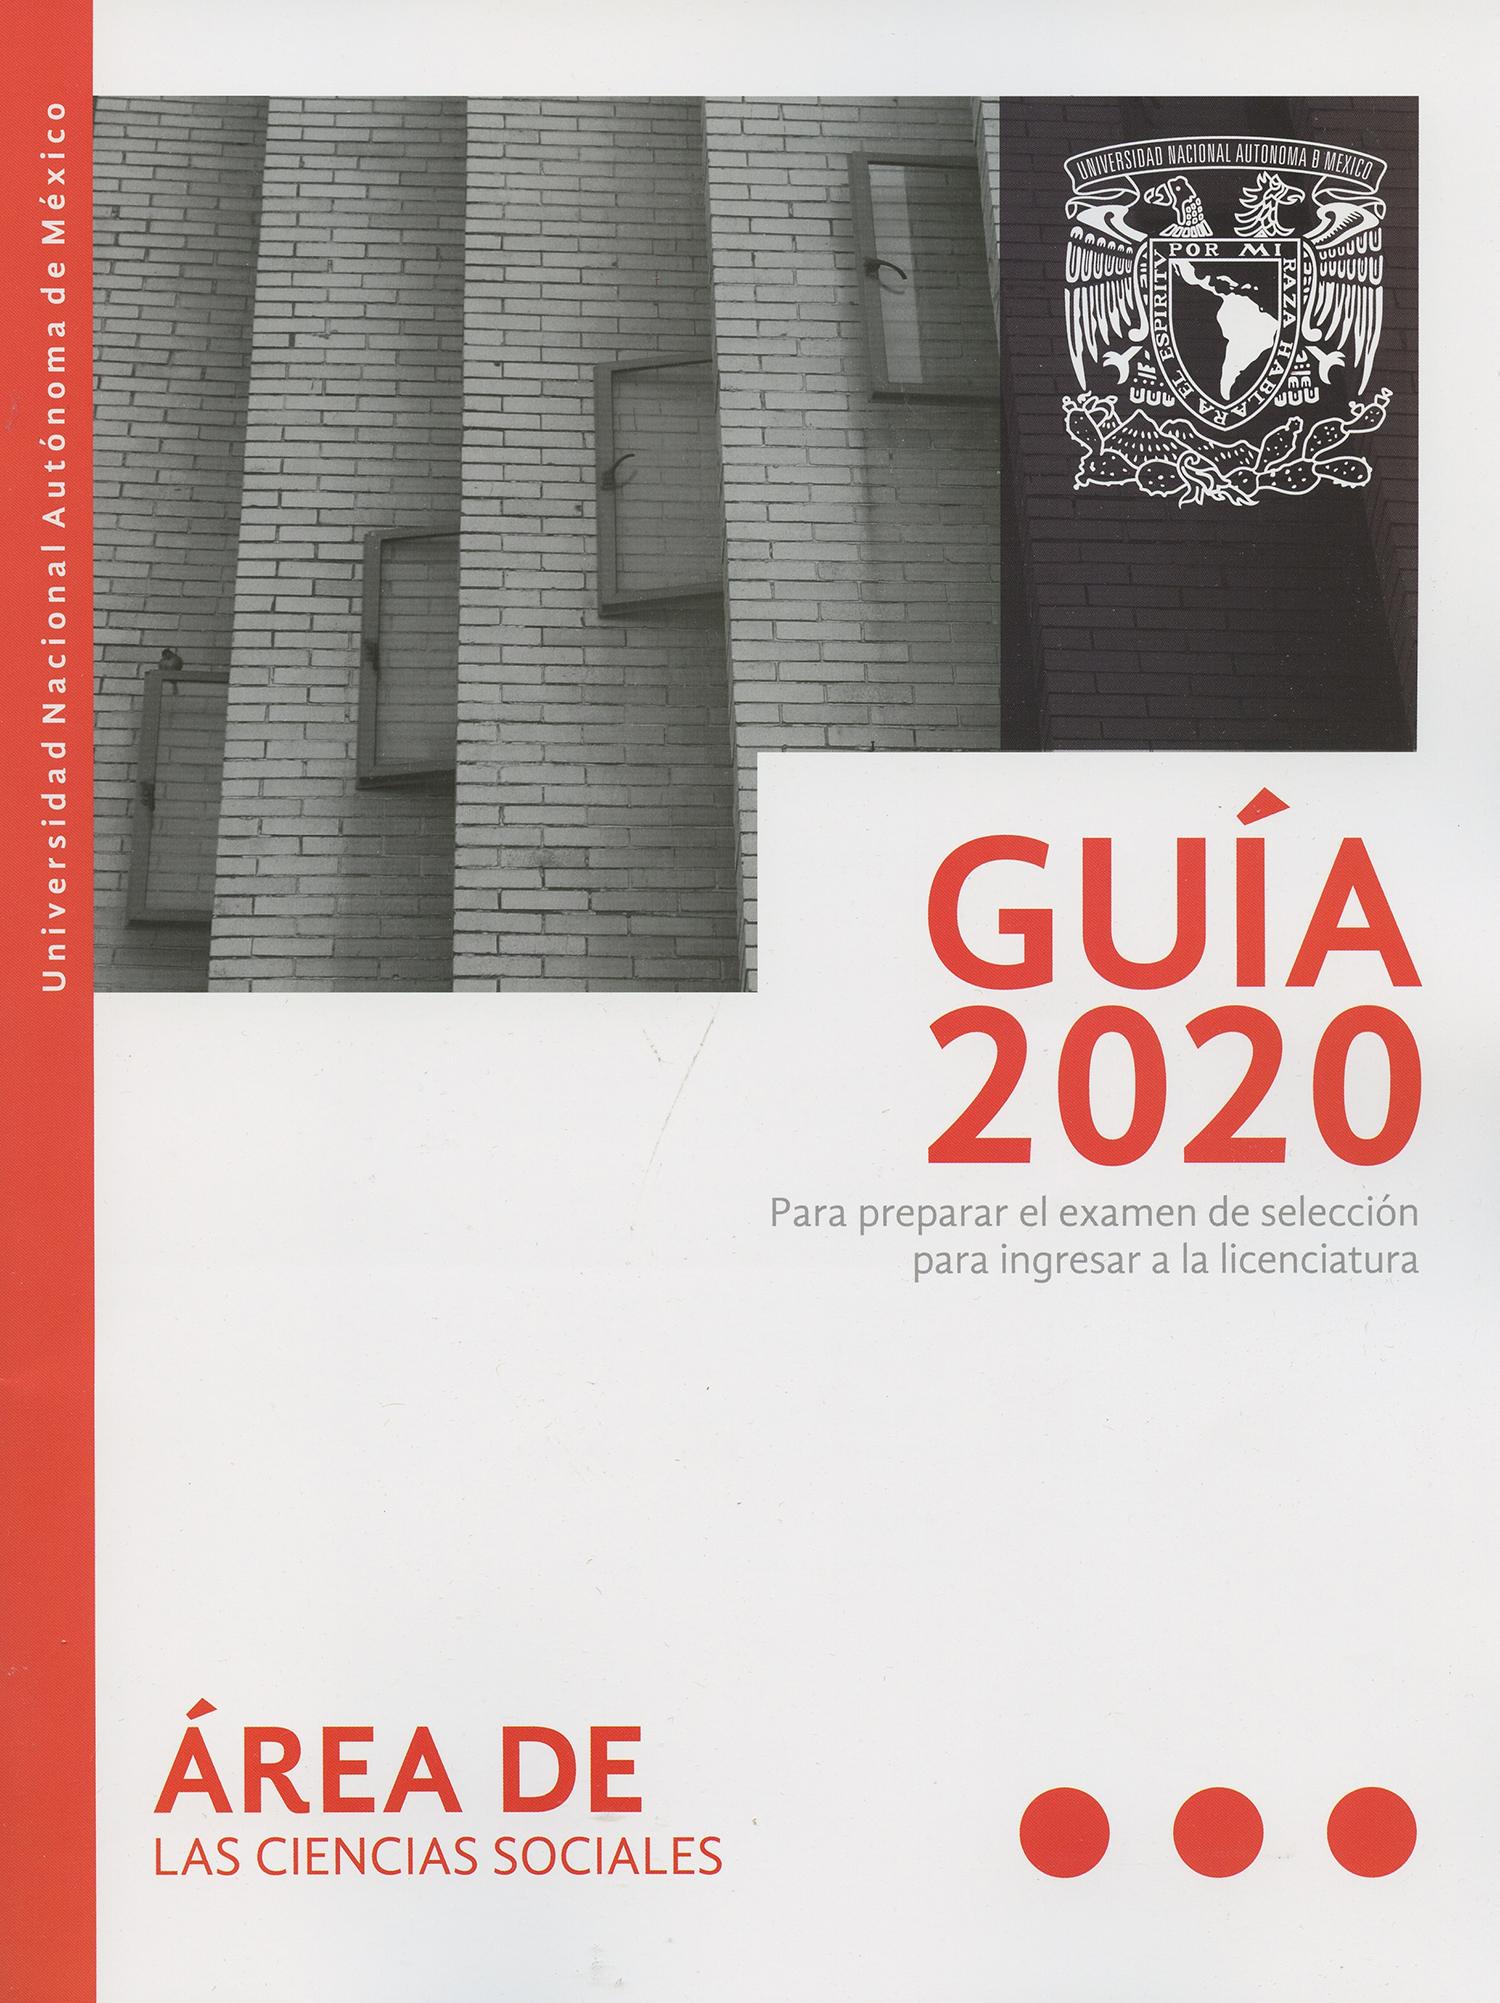 Guía 2020 para preparar el examen de selección de la licenciatura en ciencias sociales